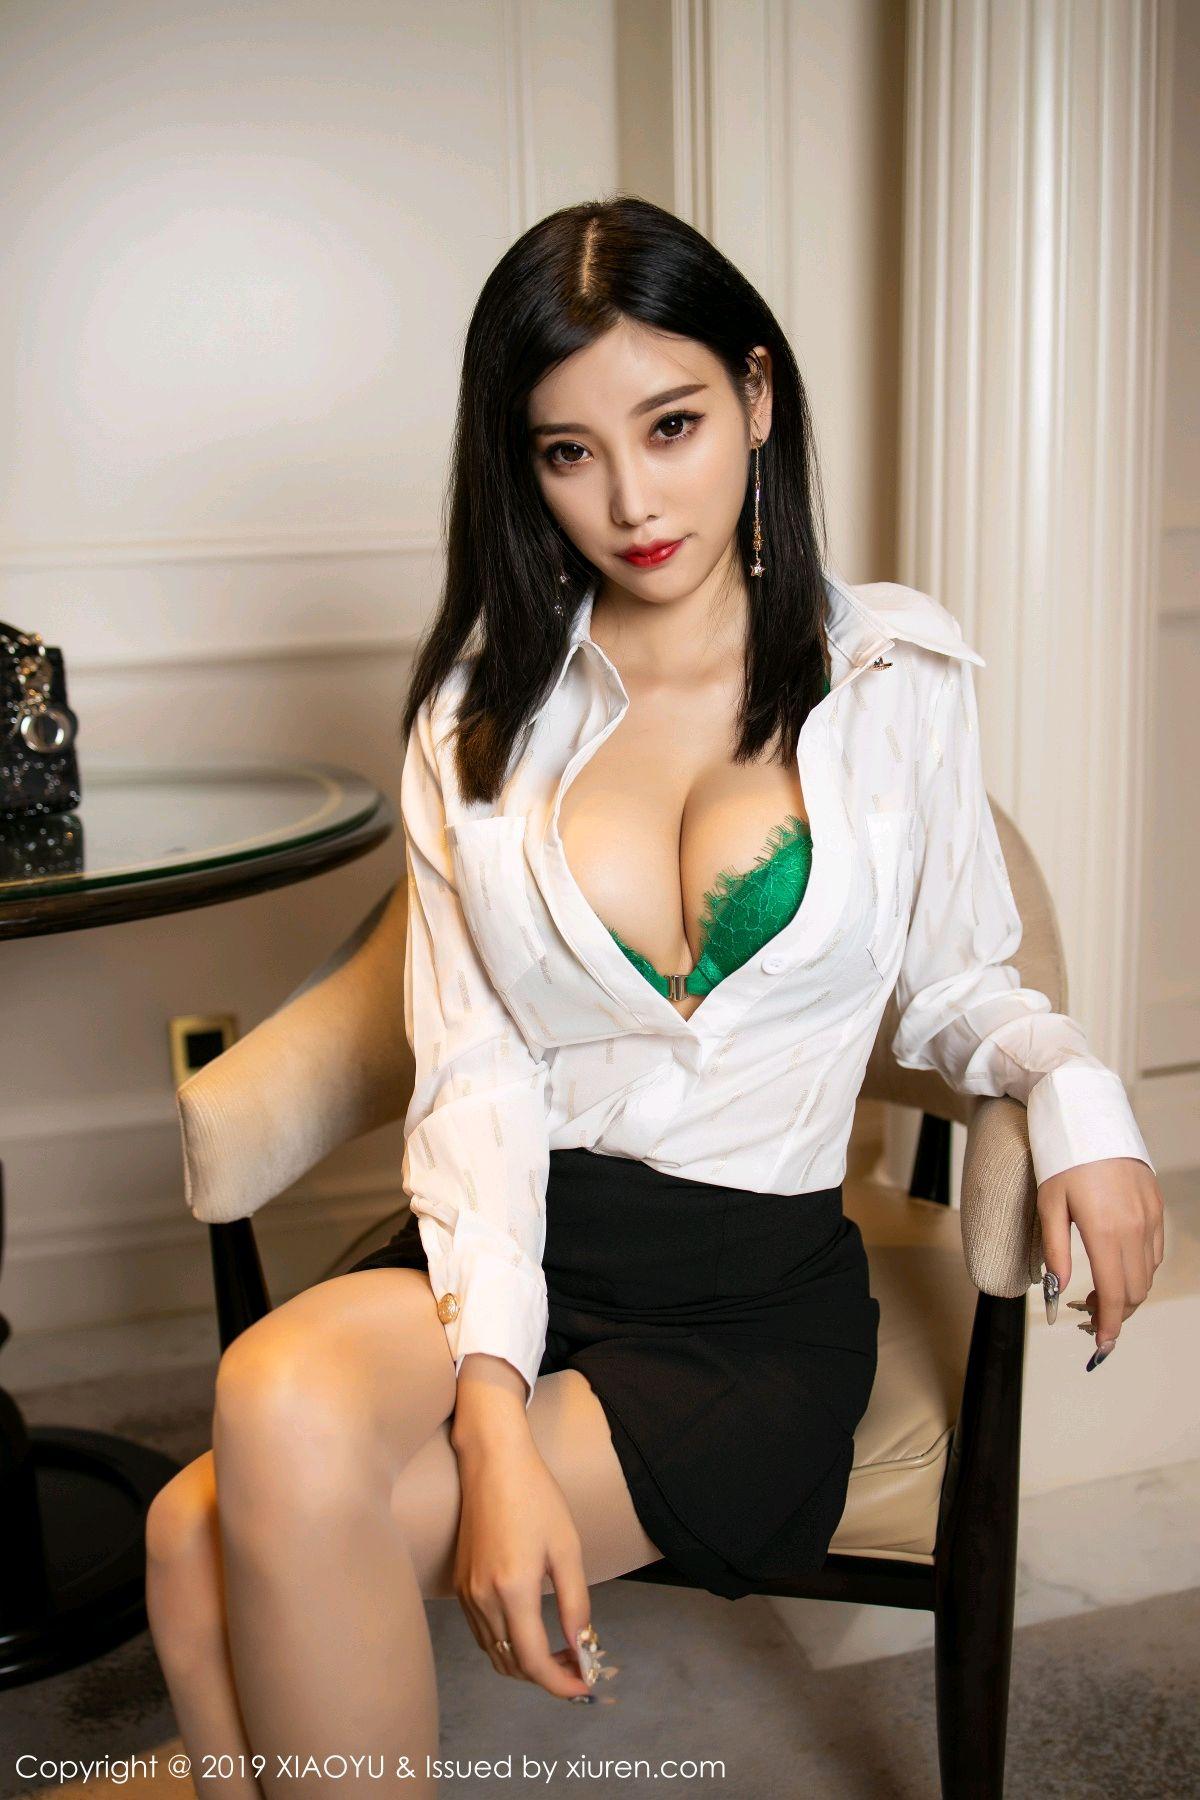 [XiaoYu] Vol.224 Yang Chen Chen 20P, Tall, Underwear, XiaoYu, Yang Chen Chen